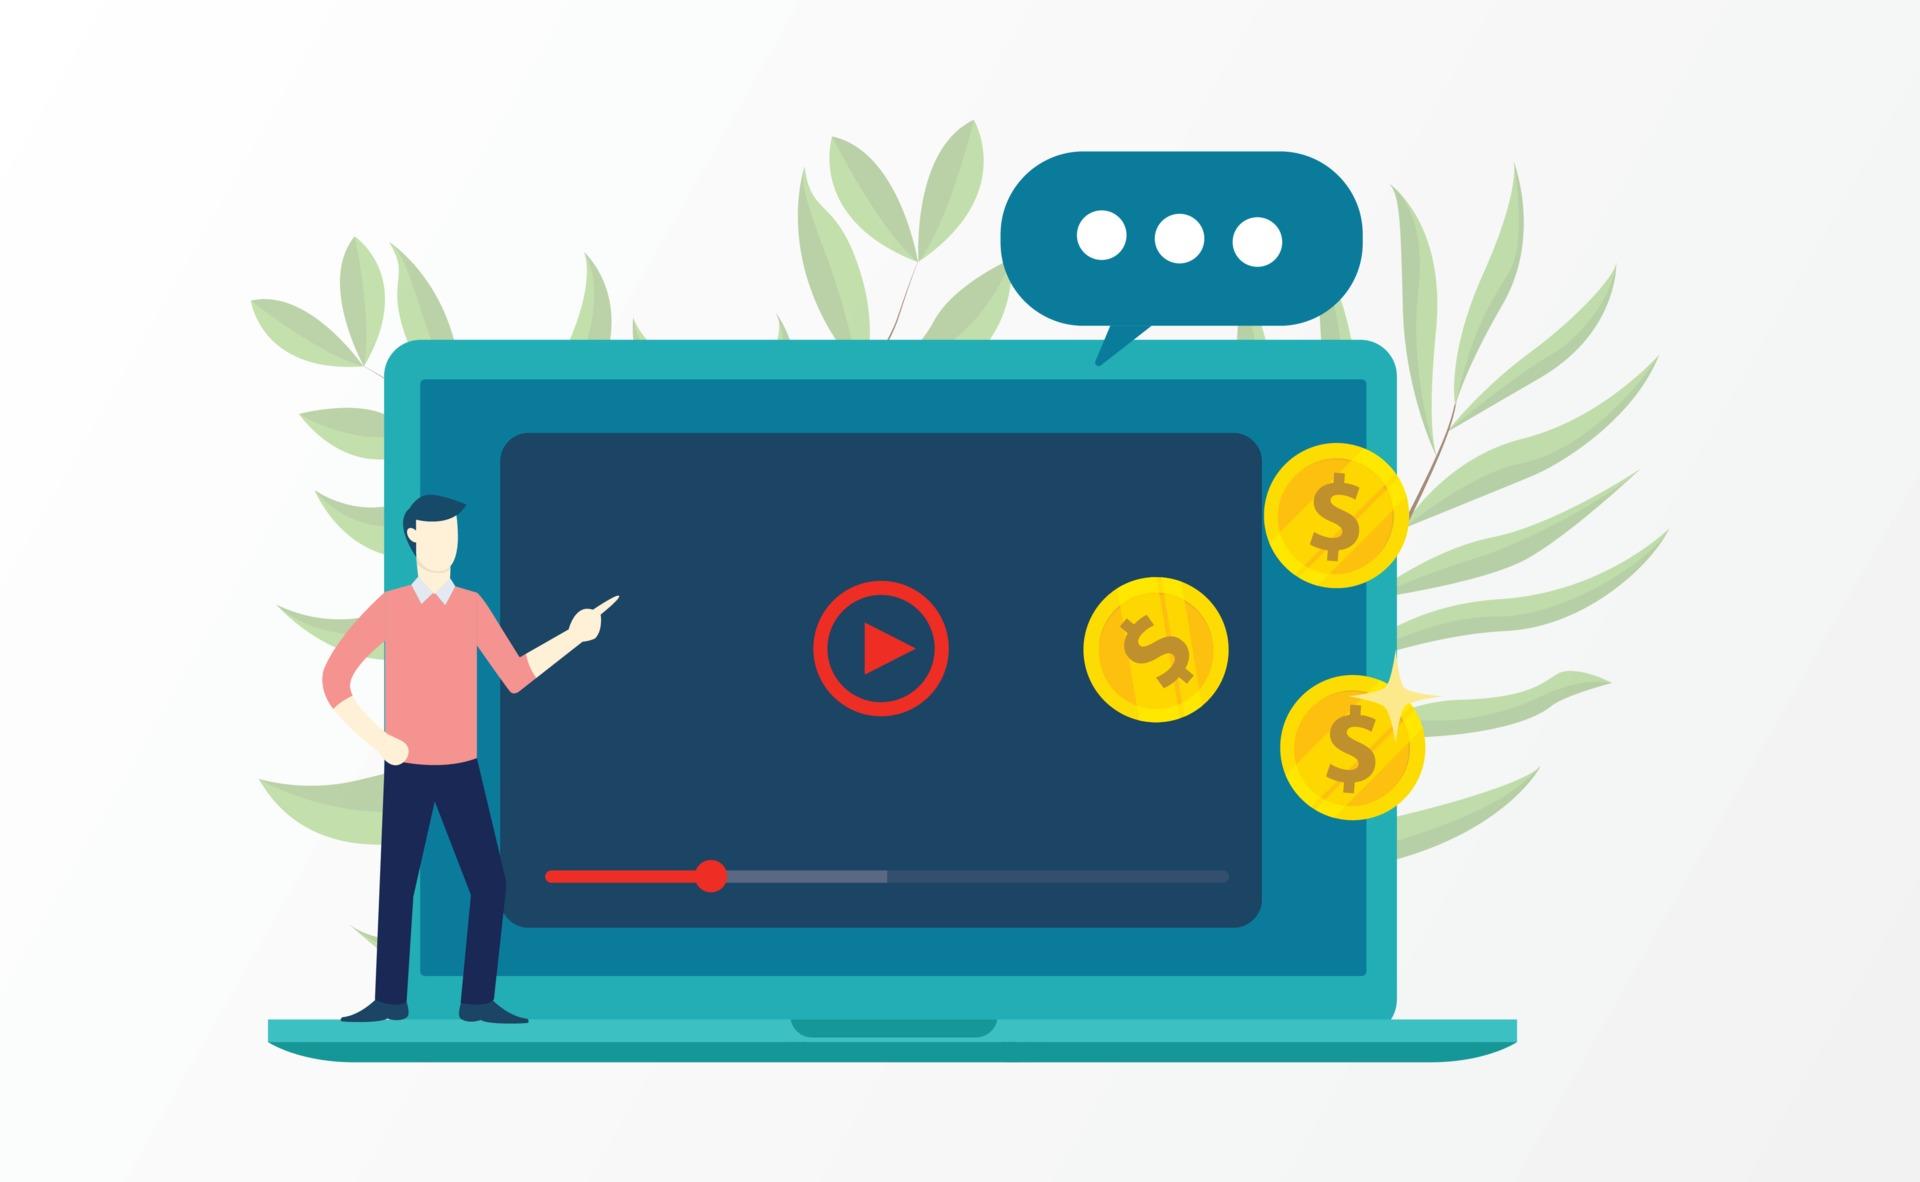 営業活動の肝・顧客訪問ができない今、動画を活用する利点とは?